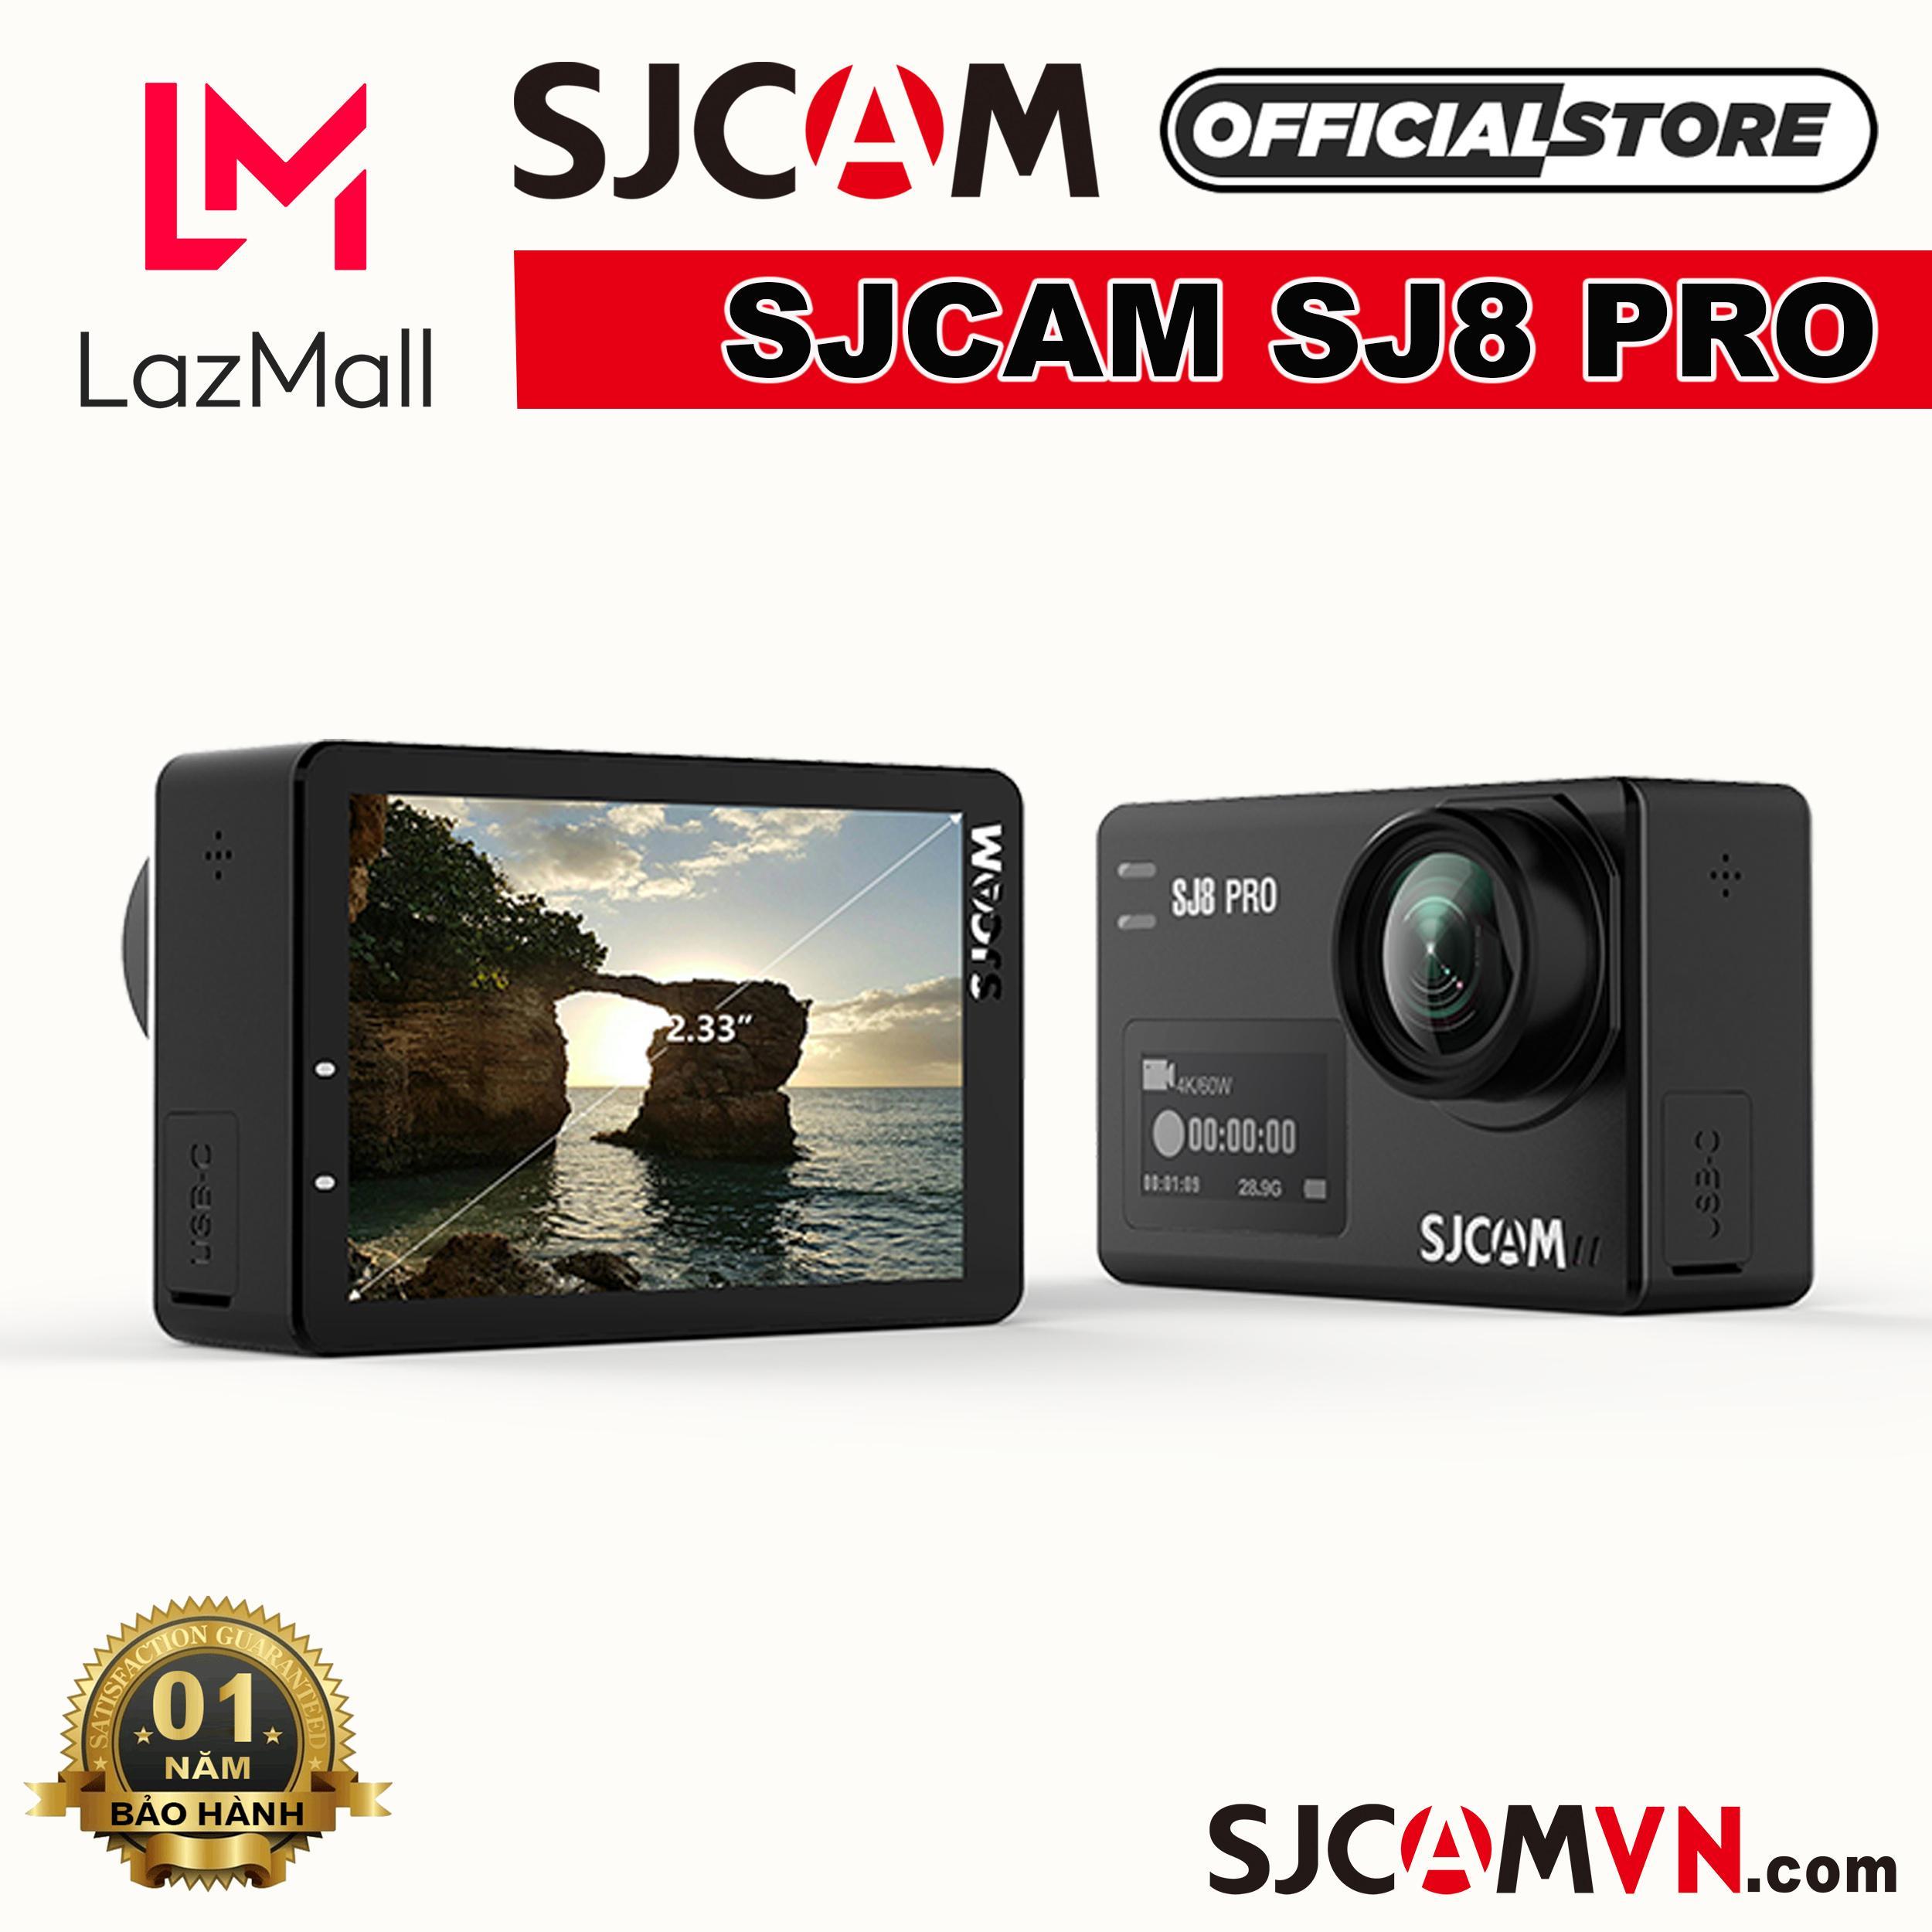 Giá Cực Sốc Khi Mua Camera Hành Trình SJCAM SJ8 PRO 4K WiFi - Hãng Phân Phối Chính Thức